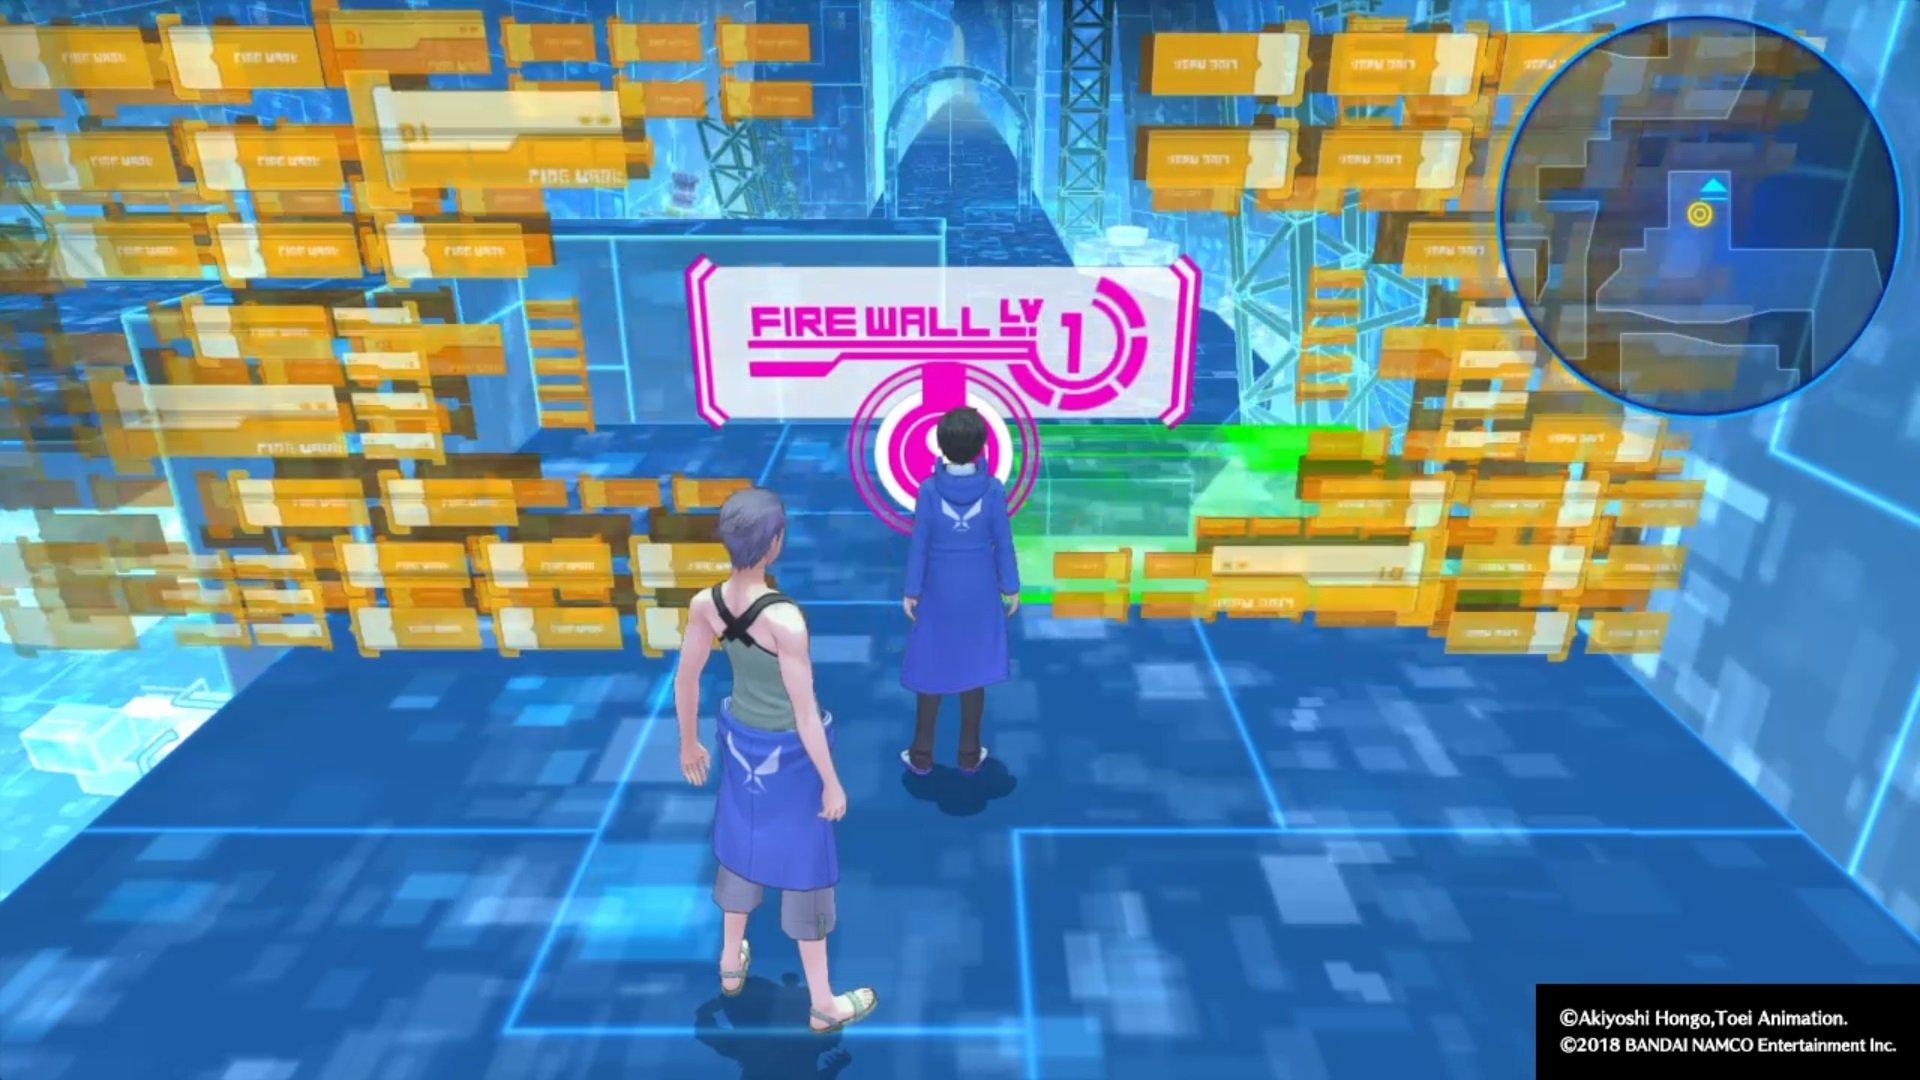 Digimon dating quiz